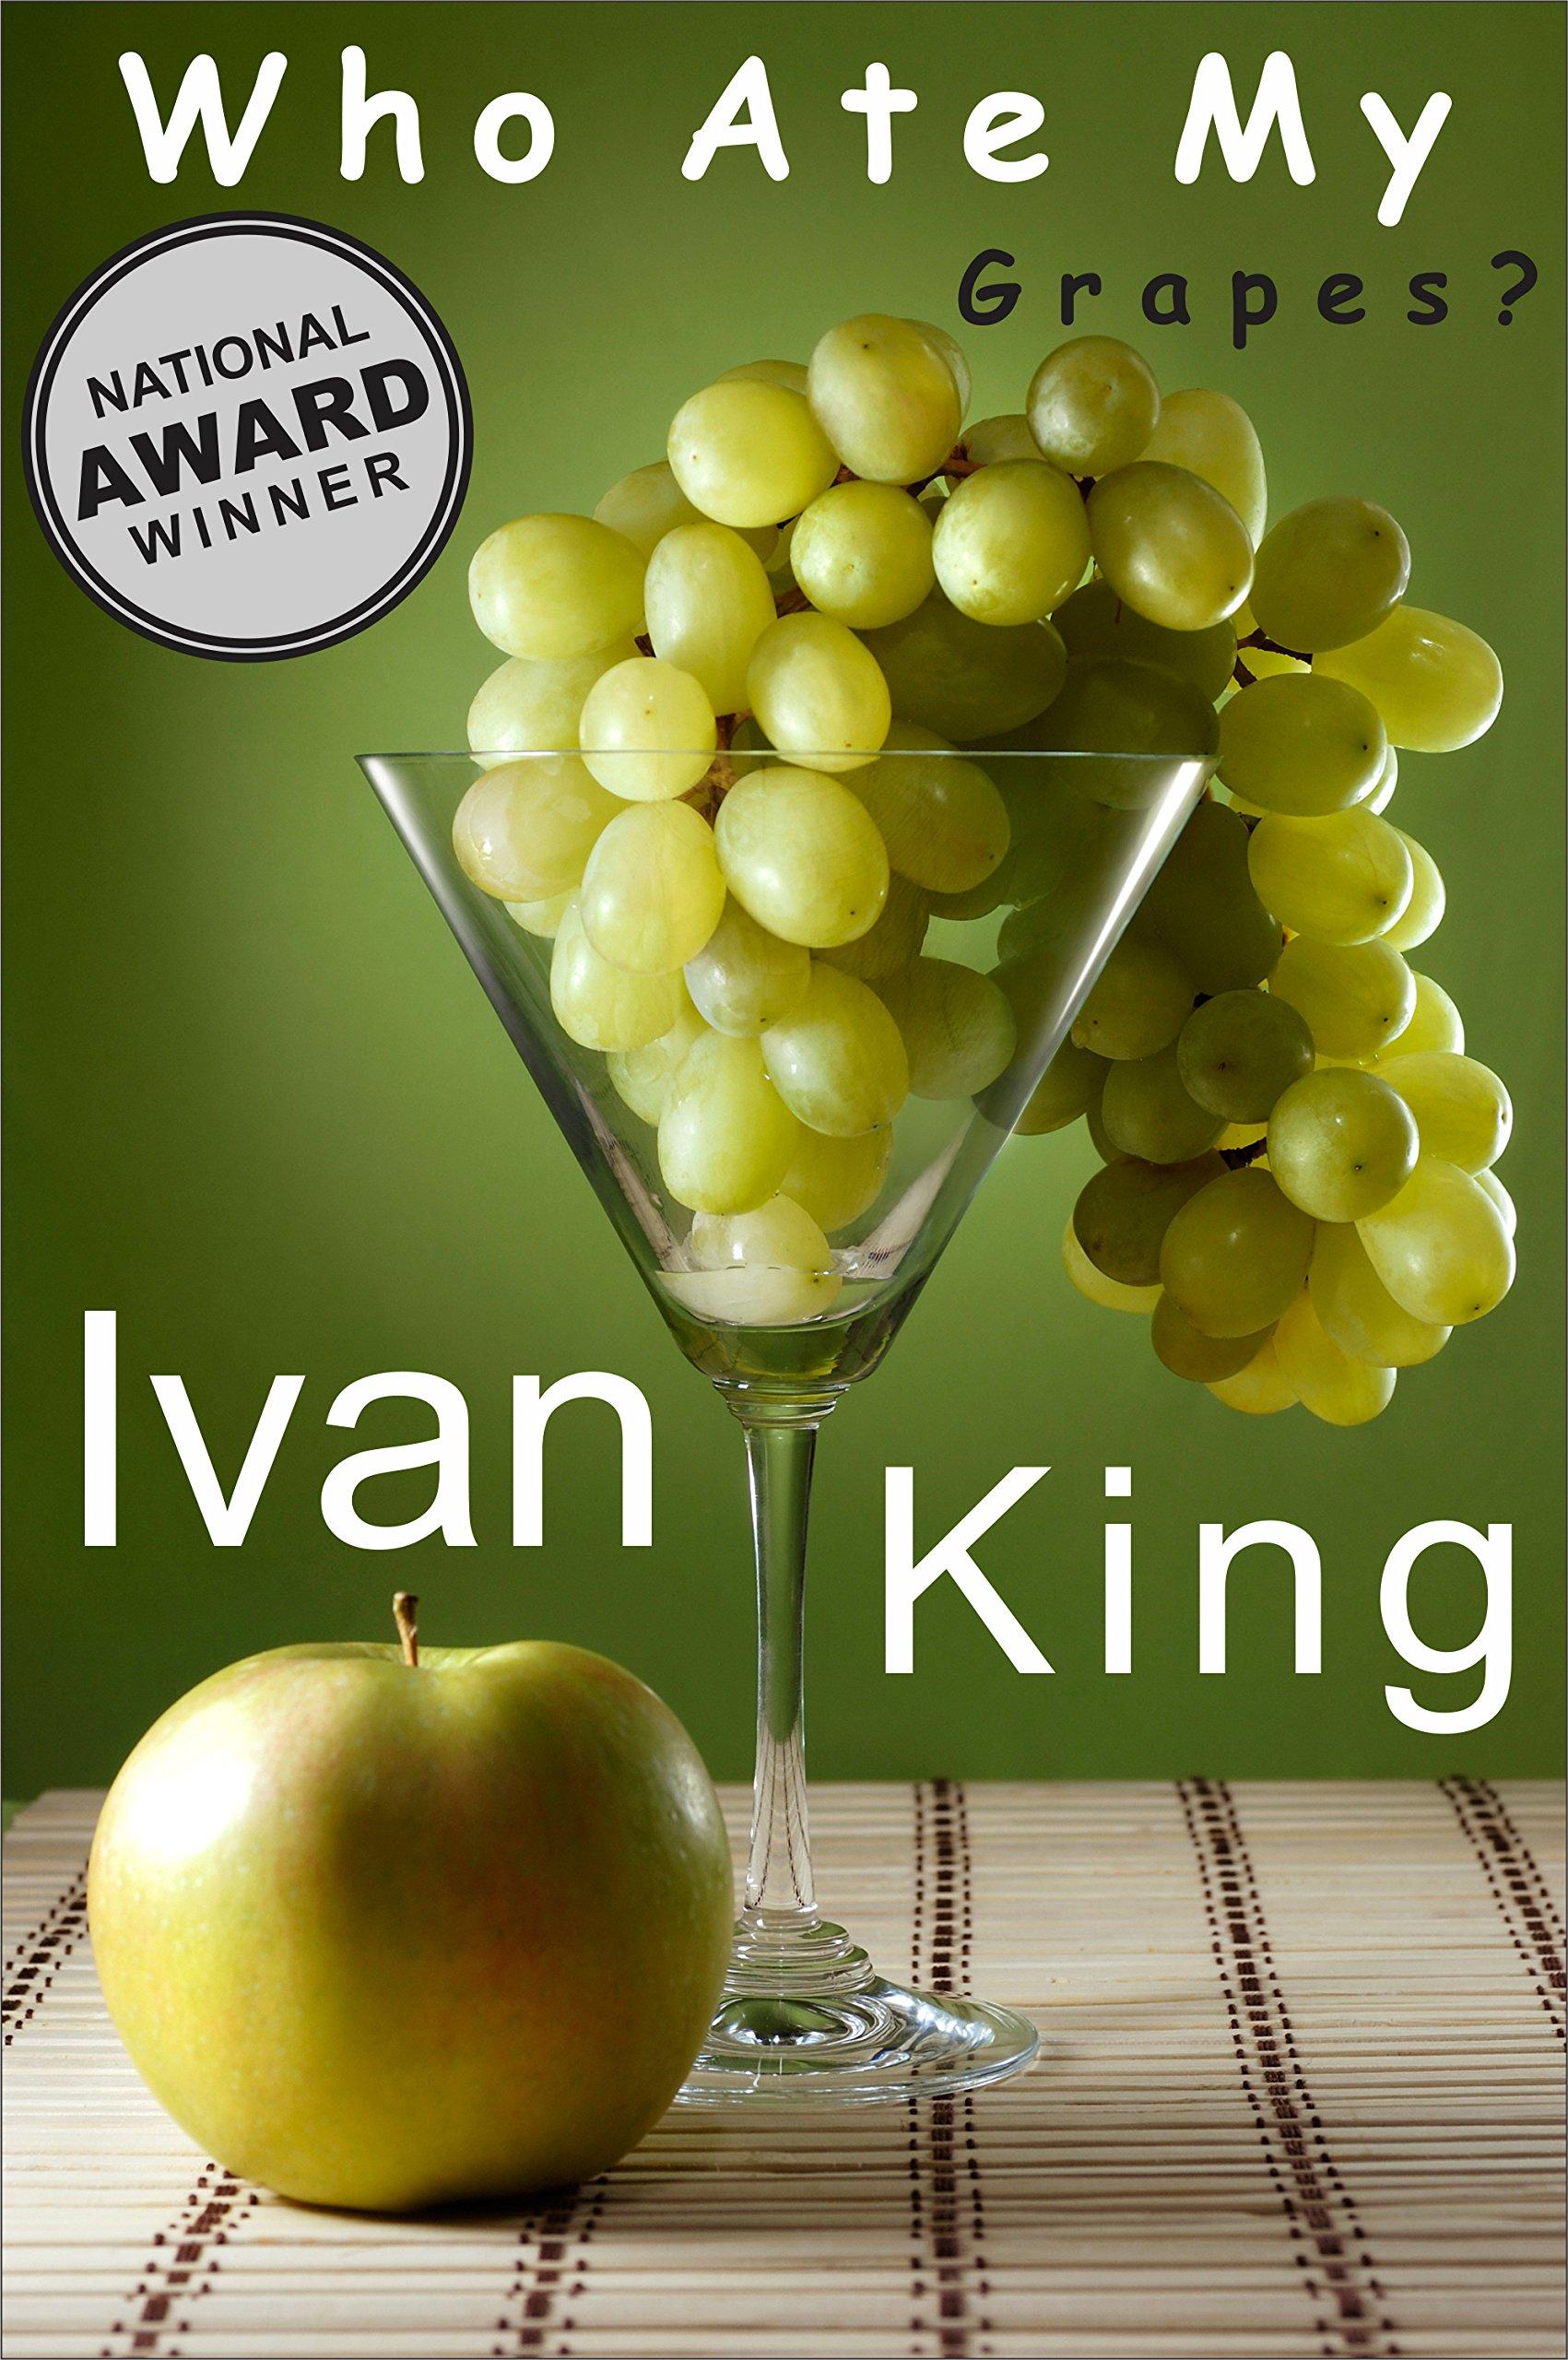 Ivan King